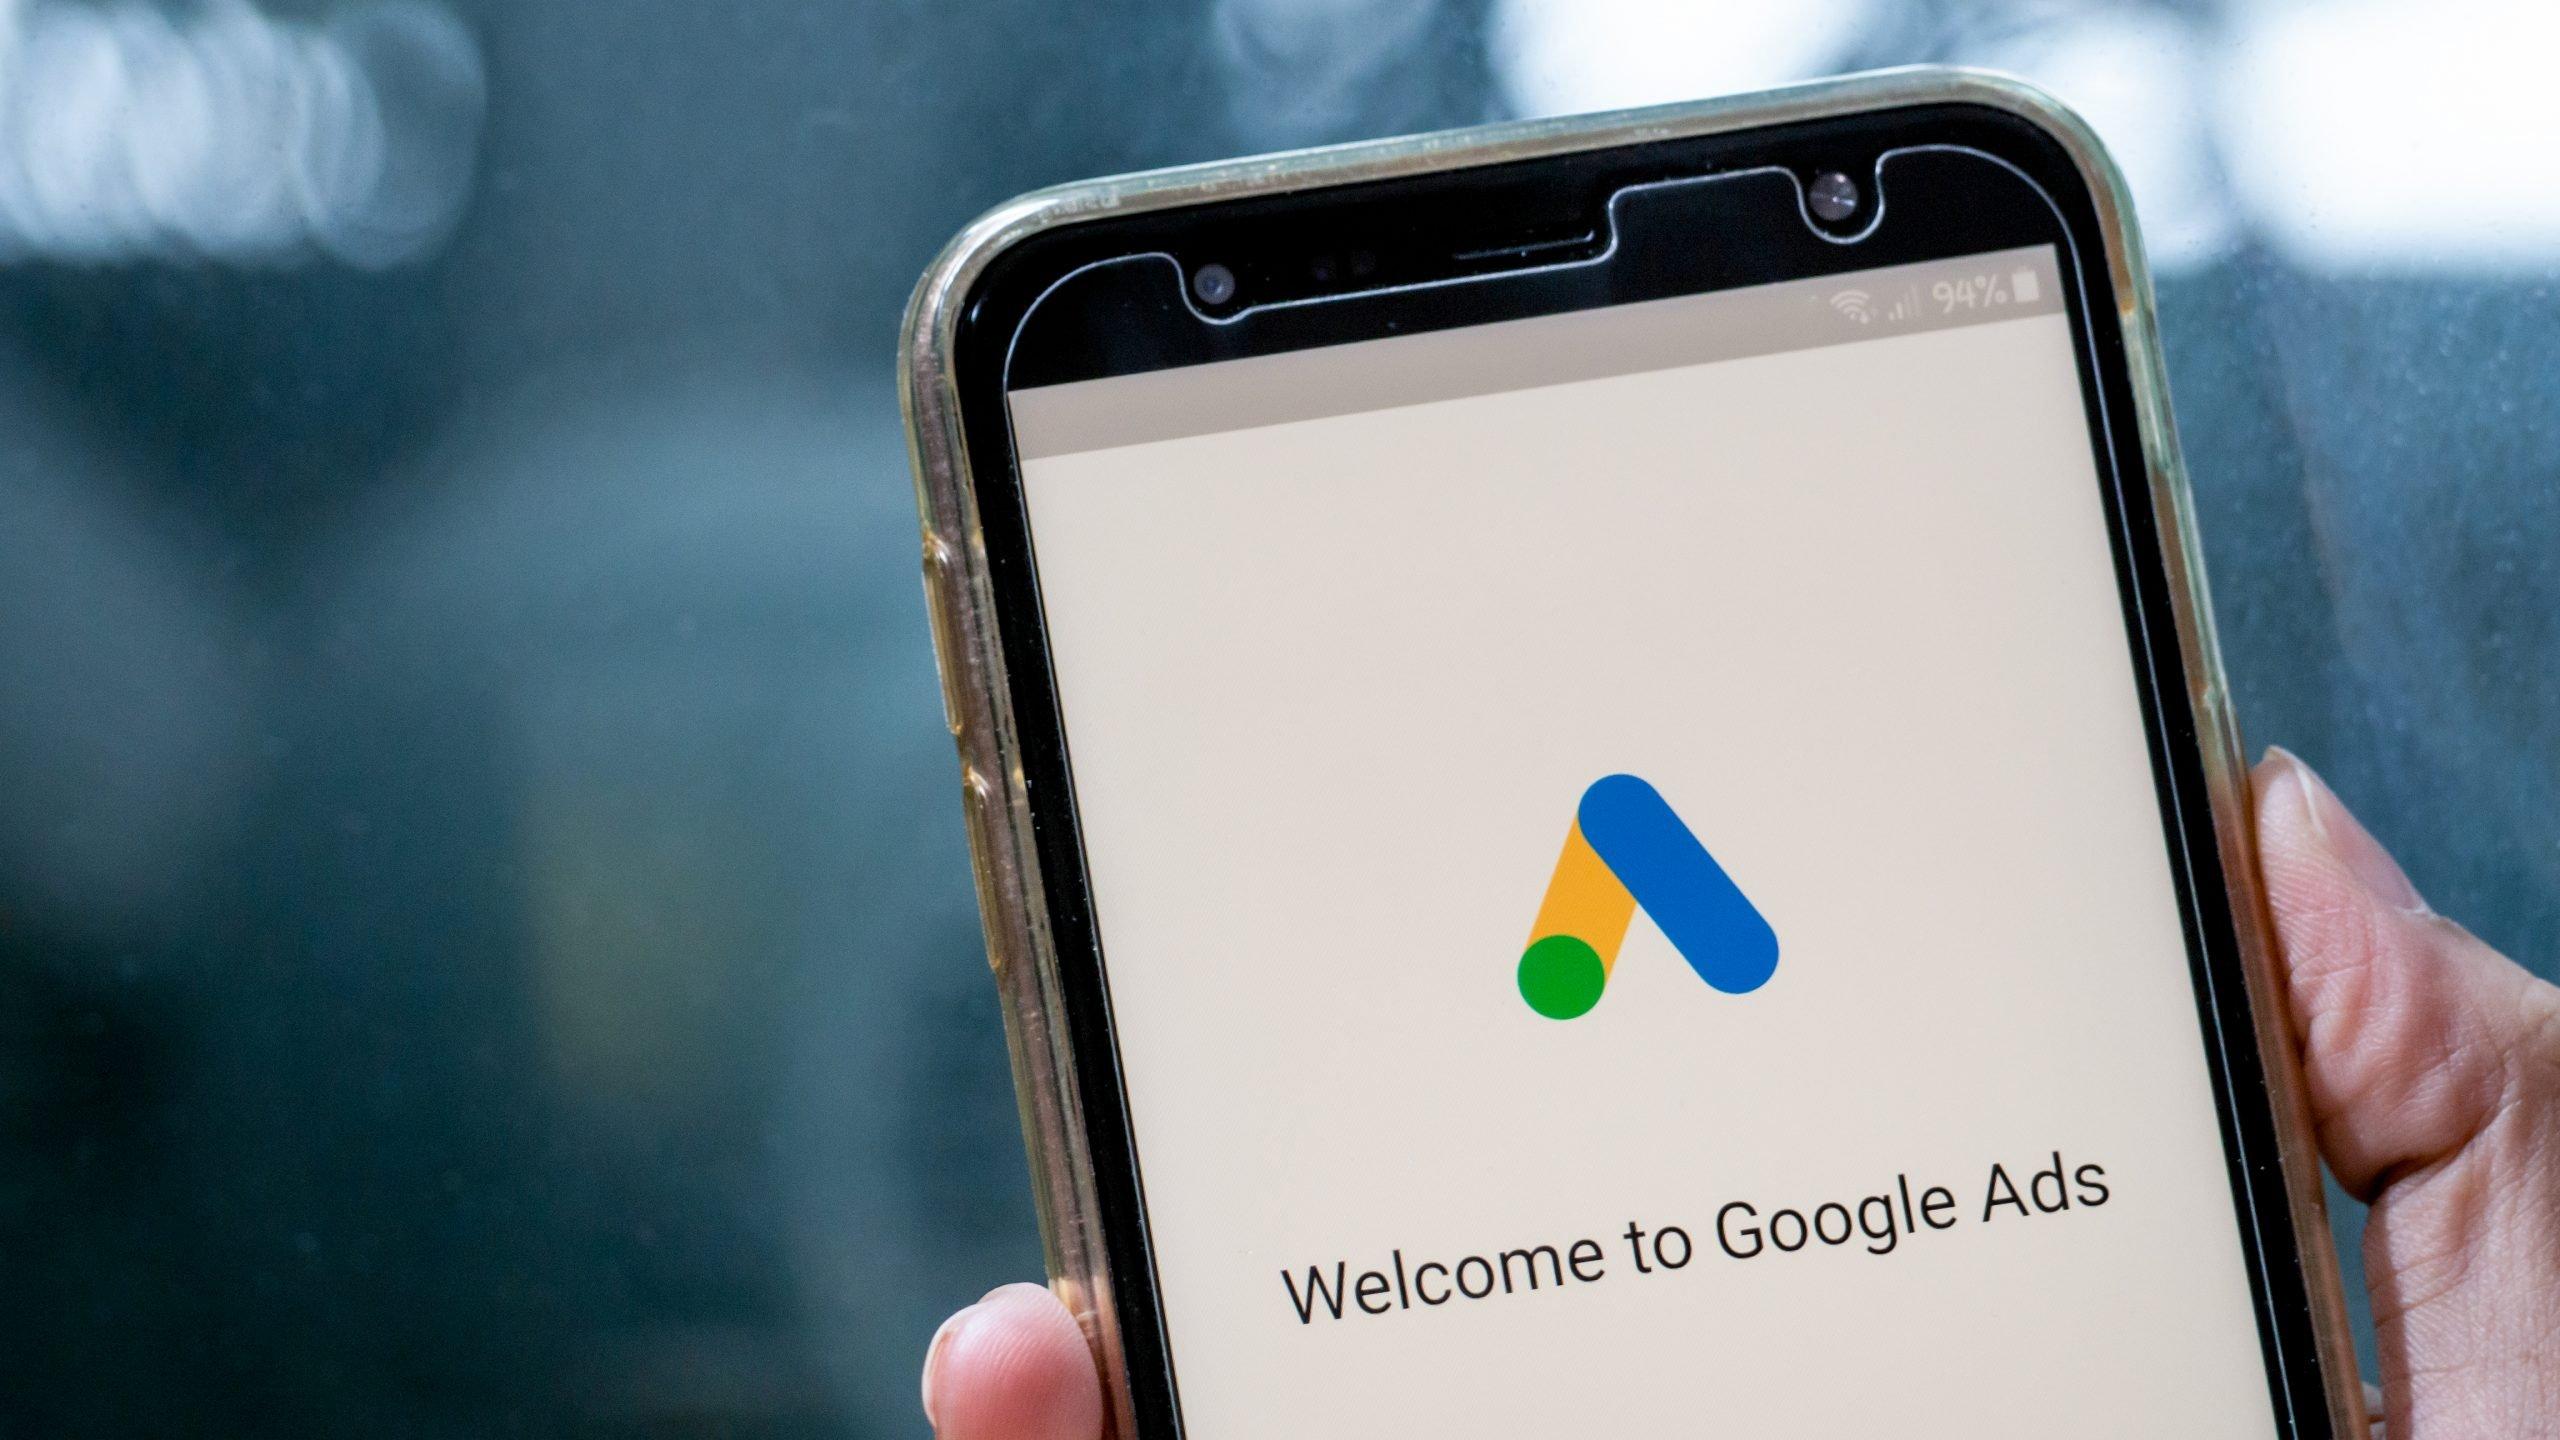 Cómo contactar con Google Adwords, telefono, mail, chat